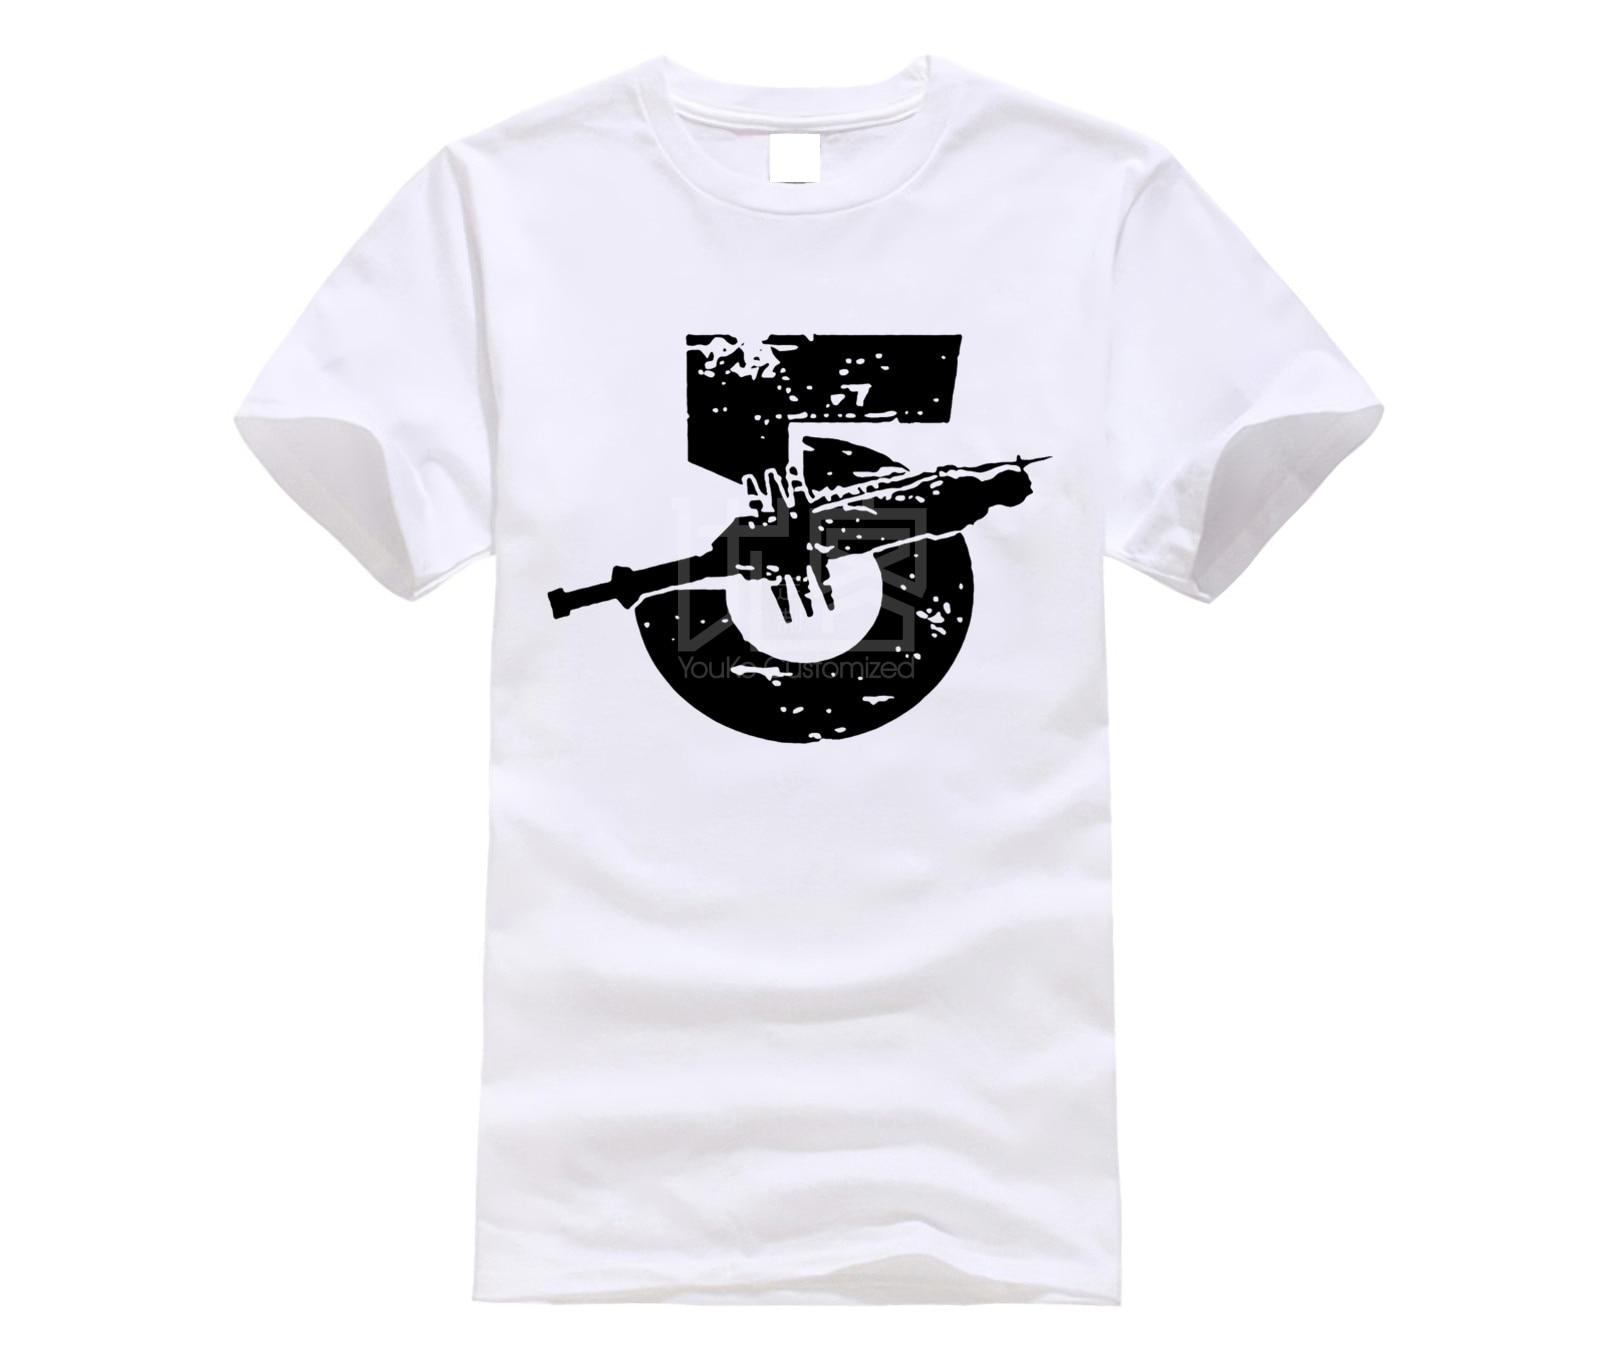 Camisa designer de t Frete Grátis Babilônia 5 Impresso Verão Novo Projeto Do Vintage de manga Curta T-Shirt O-pescoço